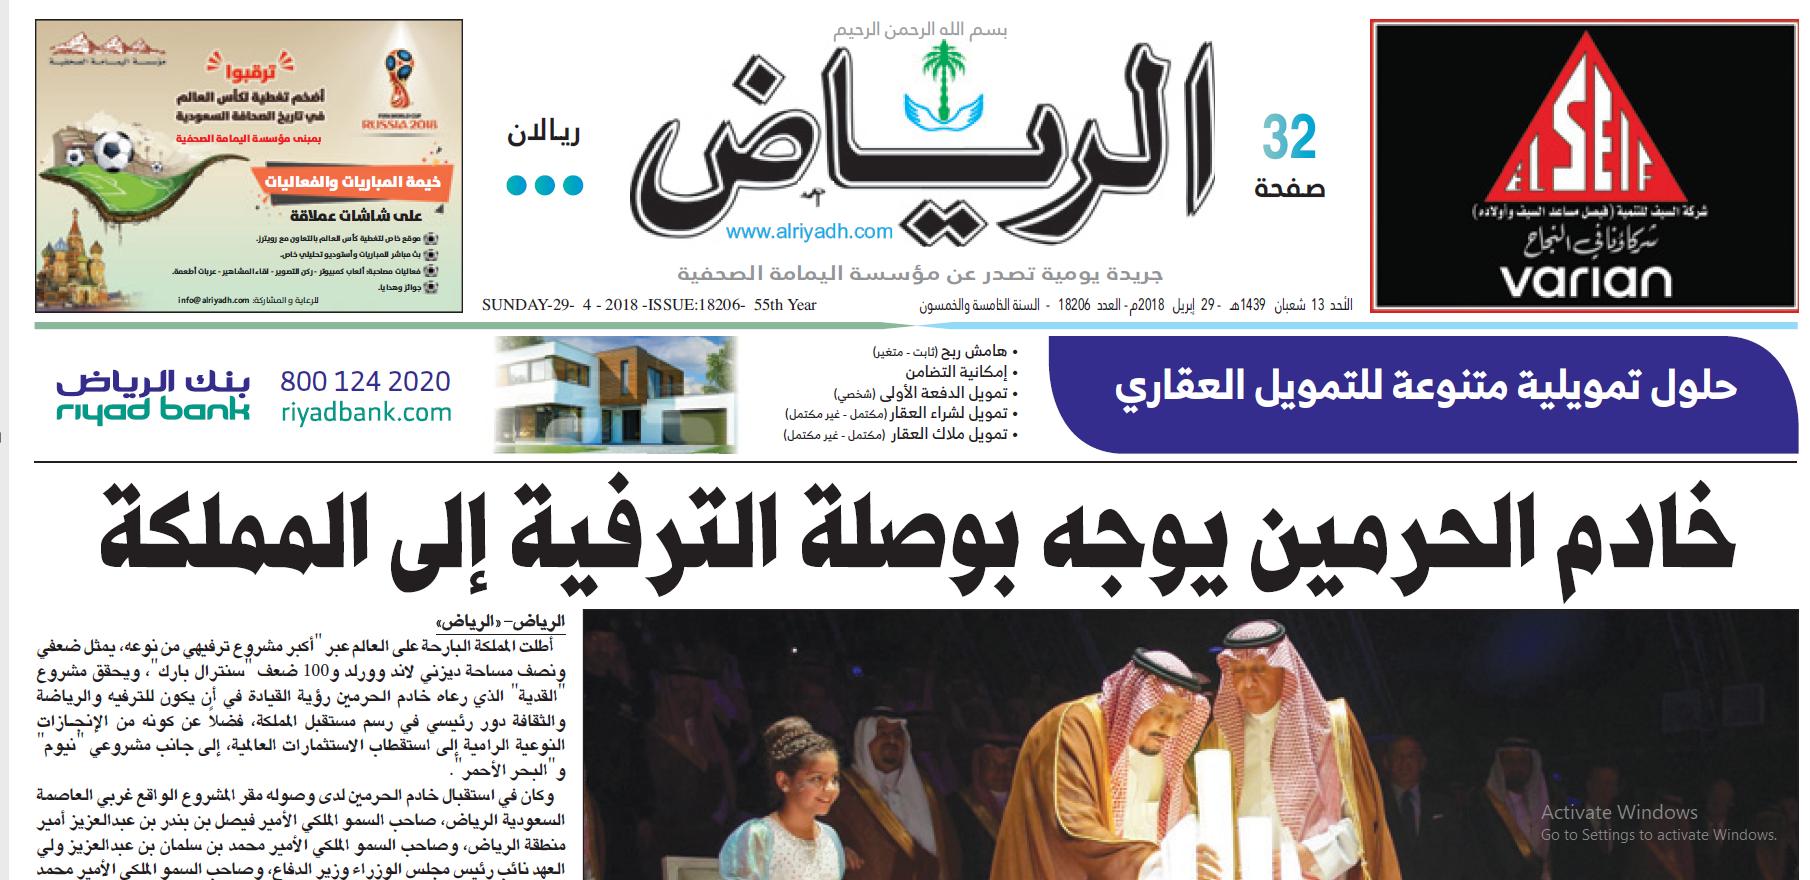 """الریاض : شاہ سلمان کے ہاتھوں """"القدیہ"""" انٹرٹینمنٹ پارک کا سنگ بنیاد"""